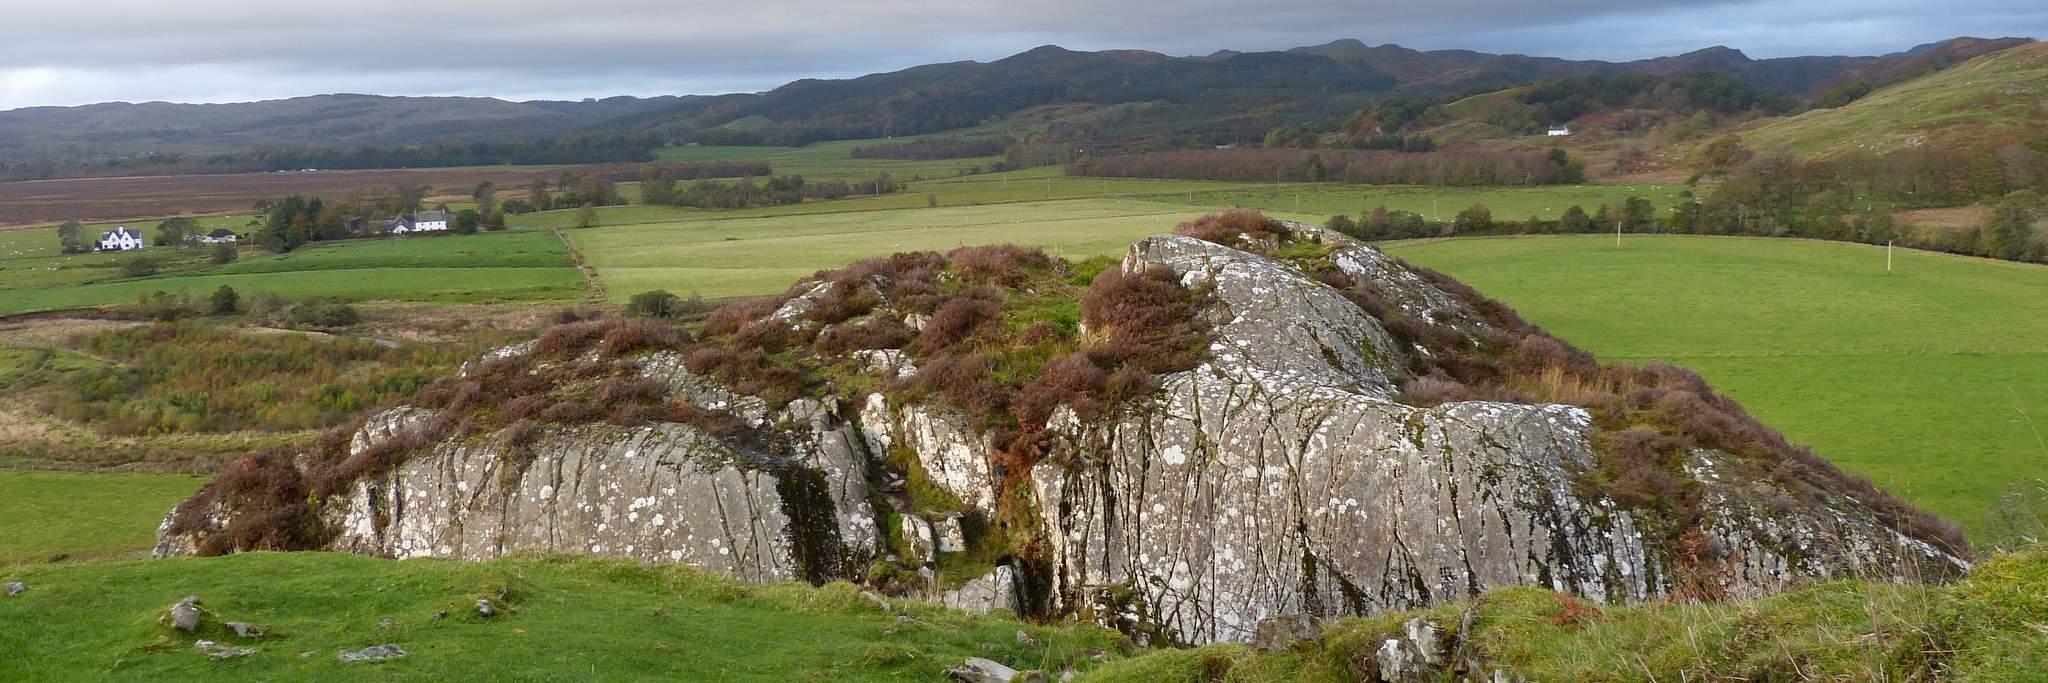 Kilmartin Glen Scotland